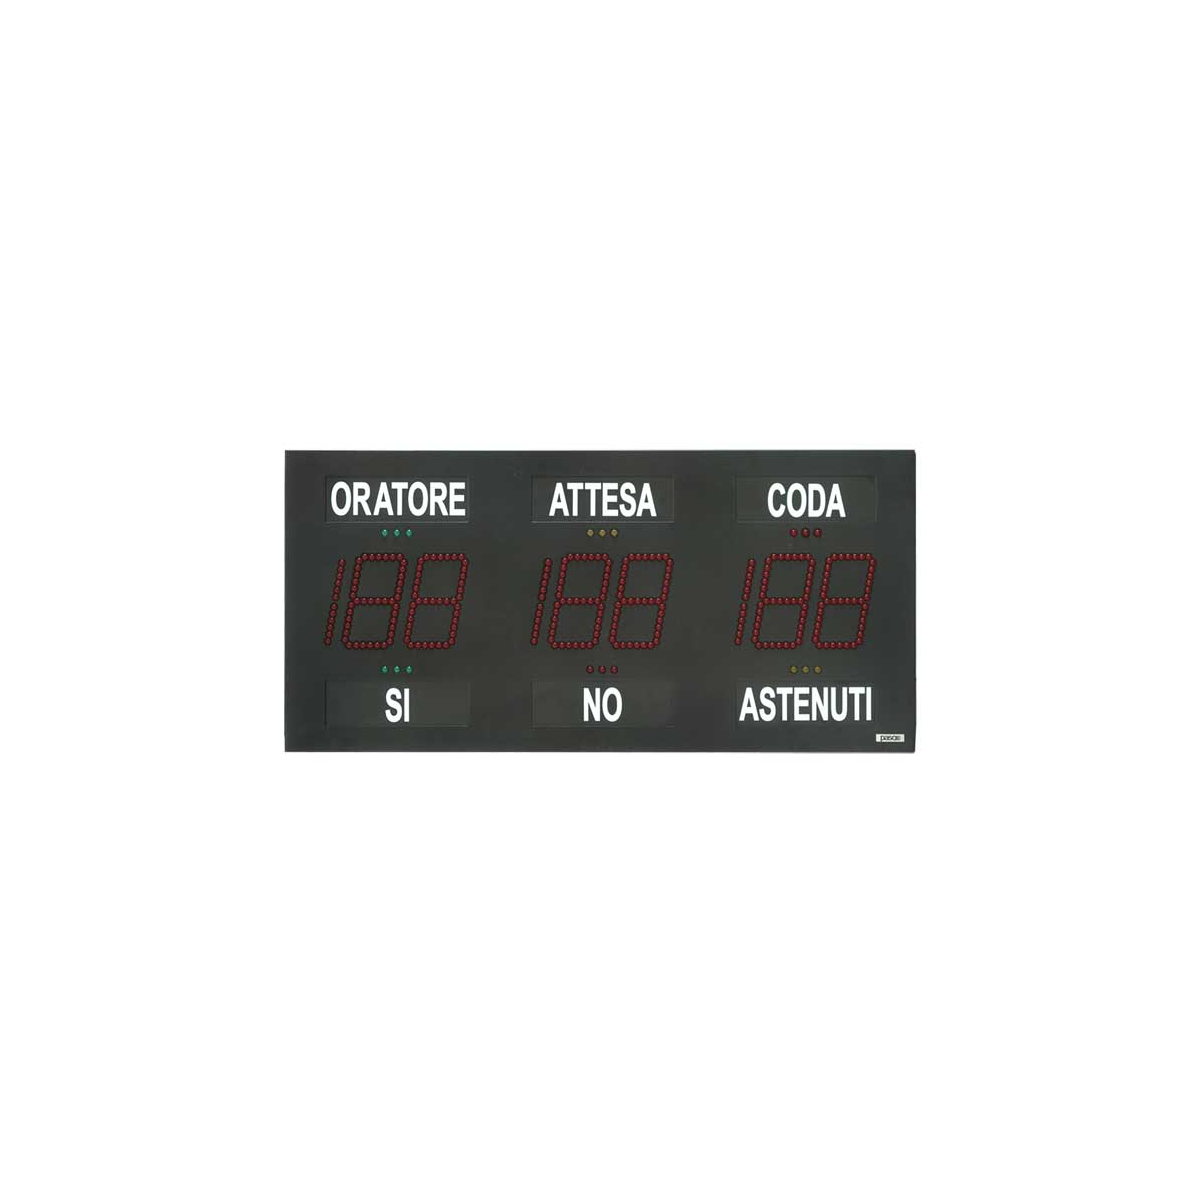 Placa alfanumérica para contagem de votos